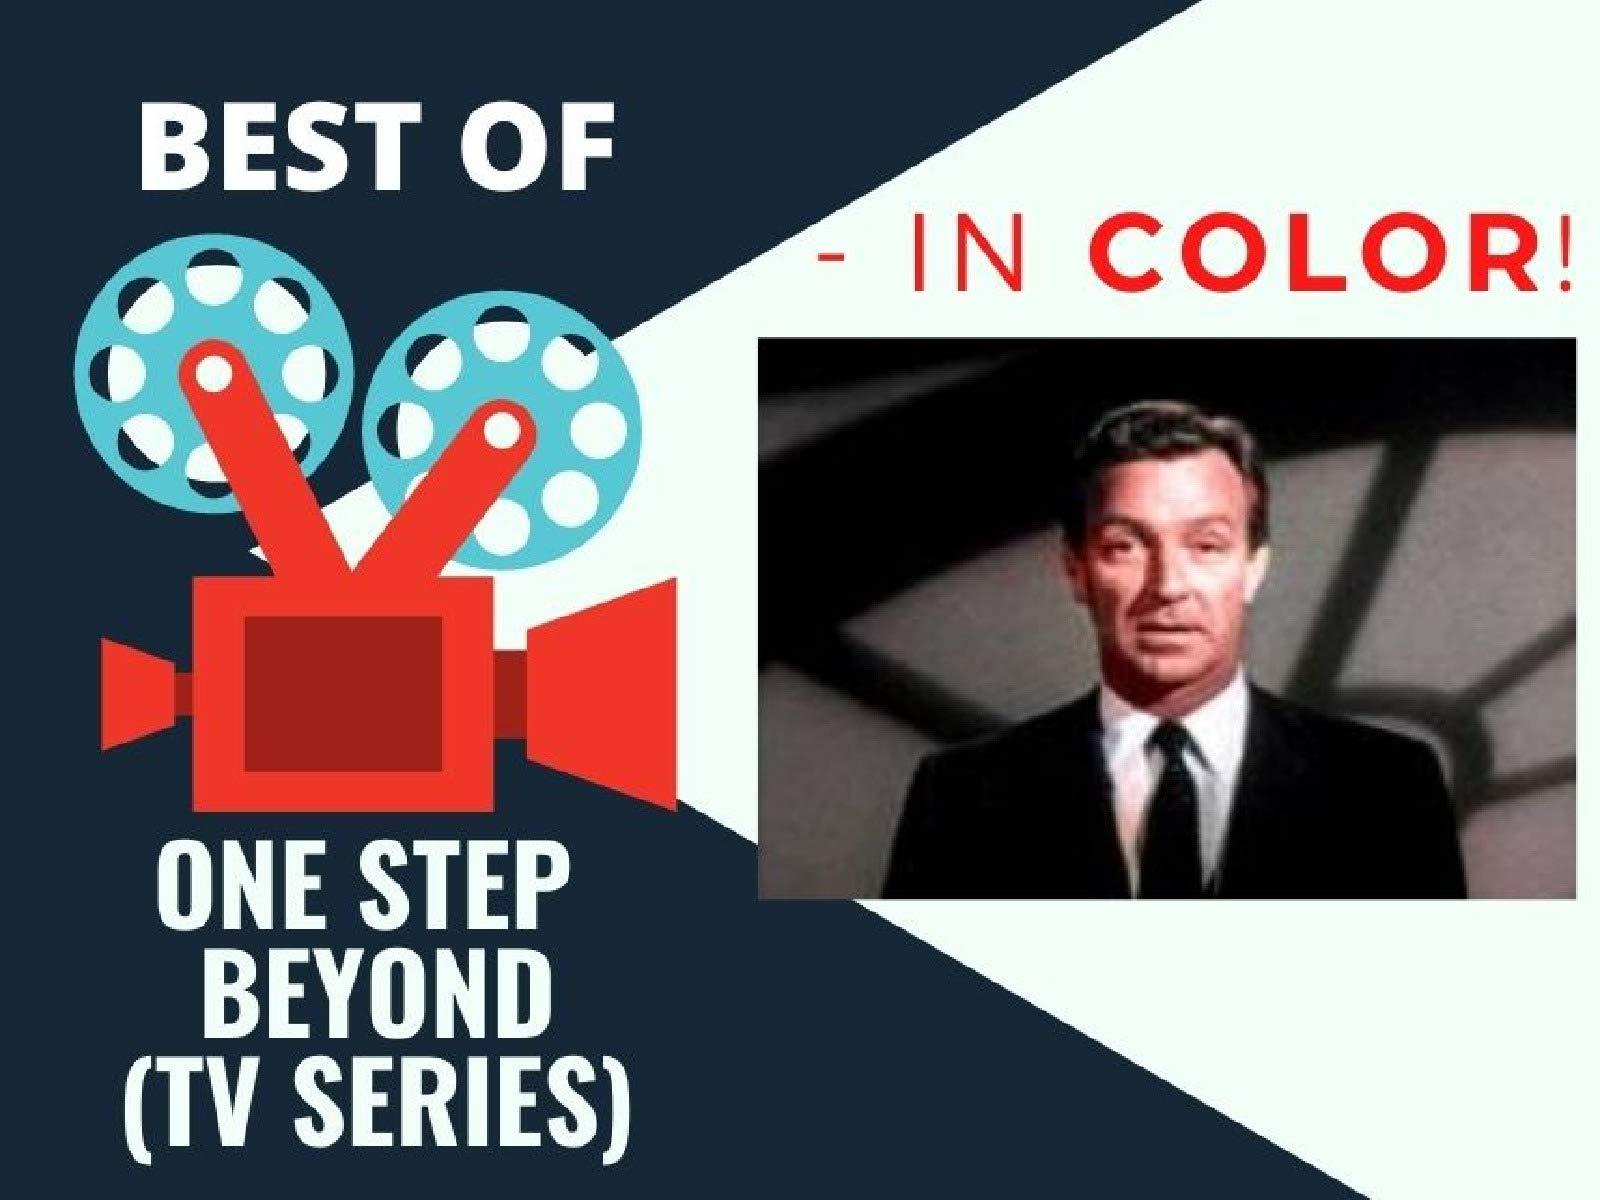 Best Of One Step Beyond (TV Series) - In Color! - Season 1